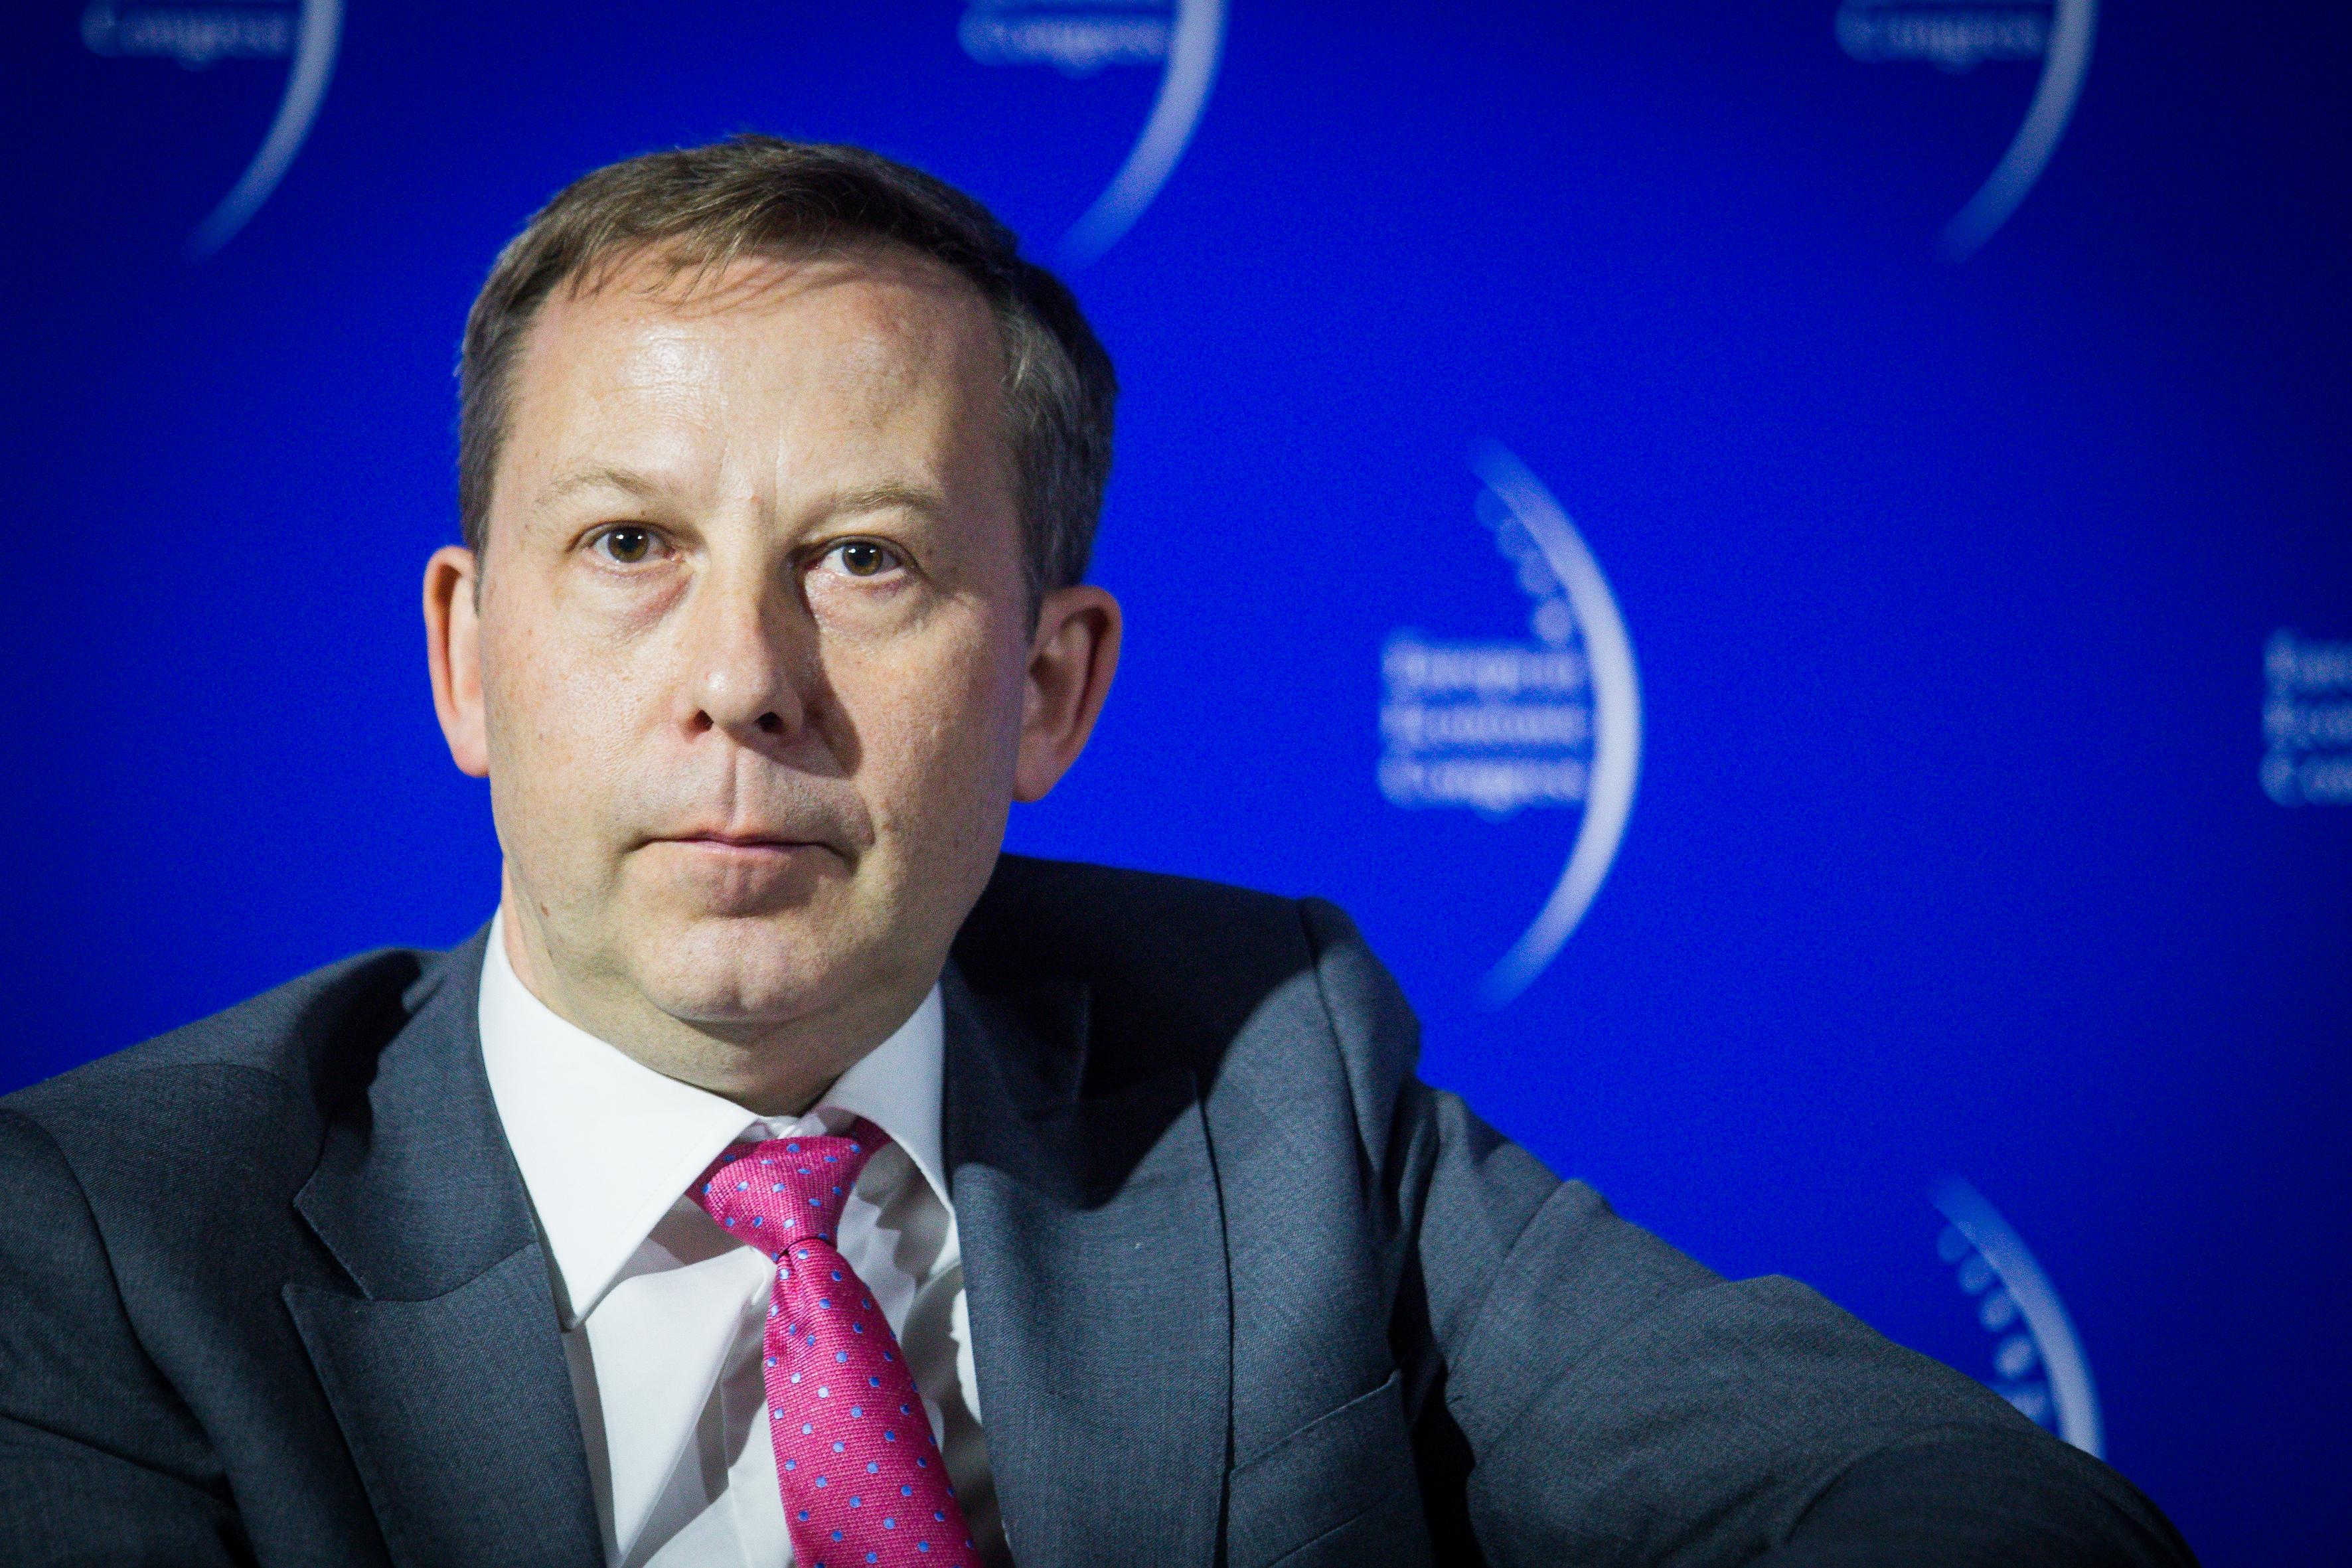 - Od lat uważamy, że największą wartością firmy są pracownicy. Robimy wszystko, aby poczuli się prawie jak w domu - podkreśla Piotr Skaldawski, dyrektor HR w 3M Poland.